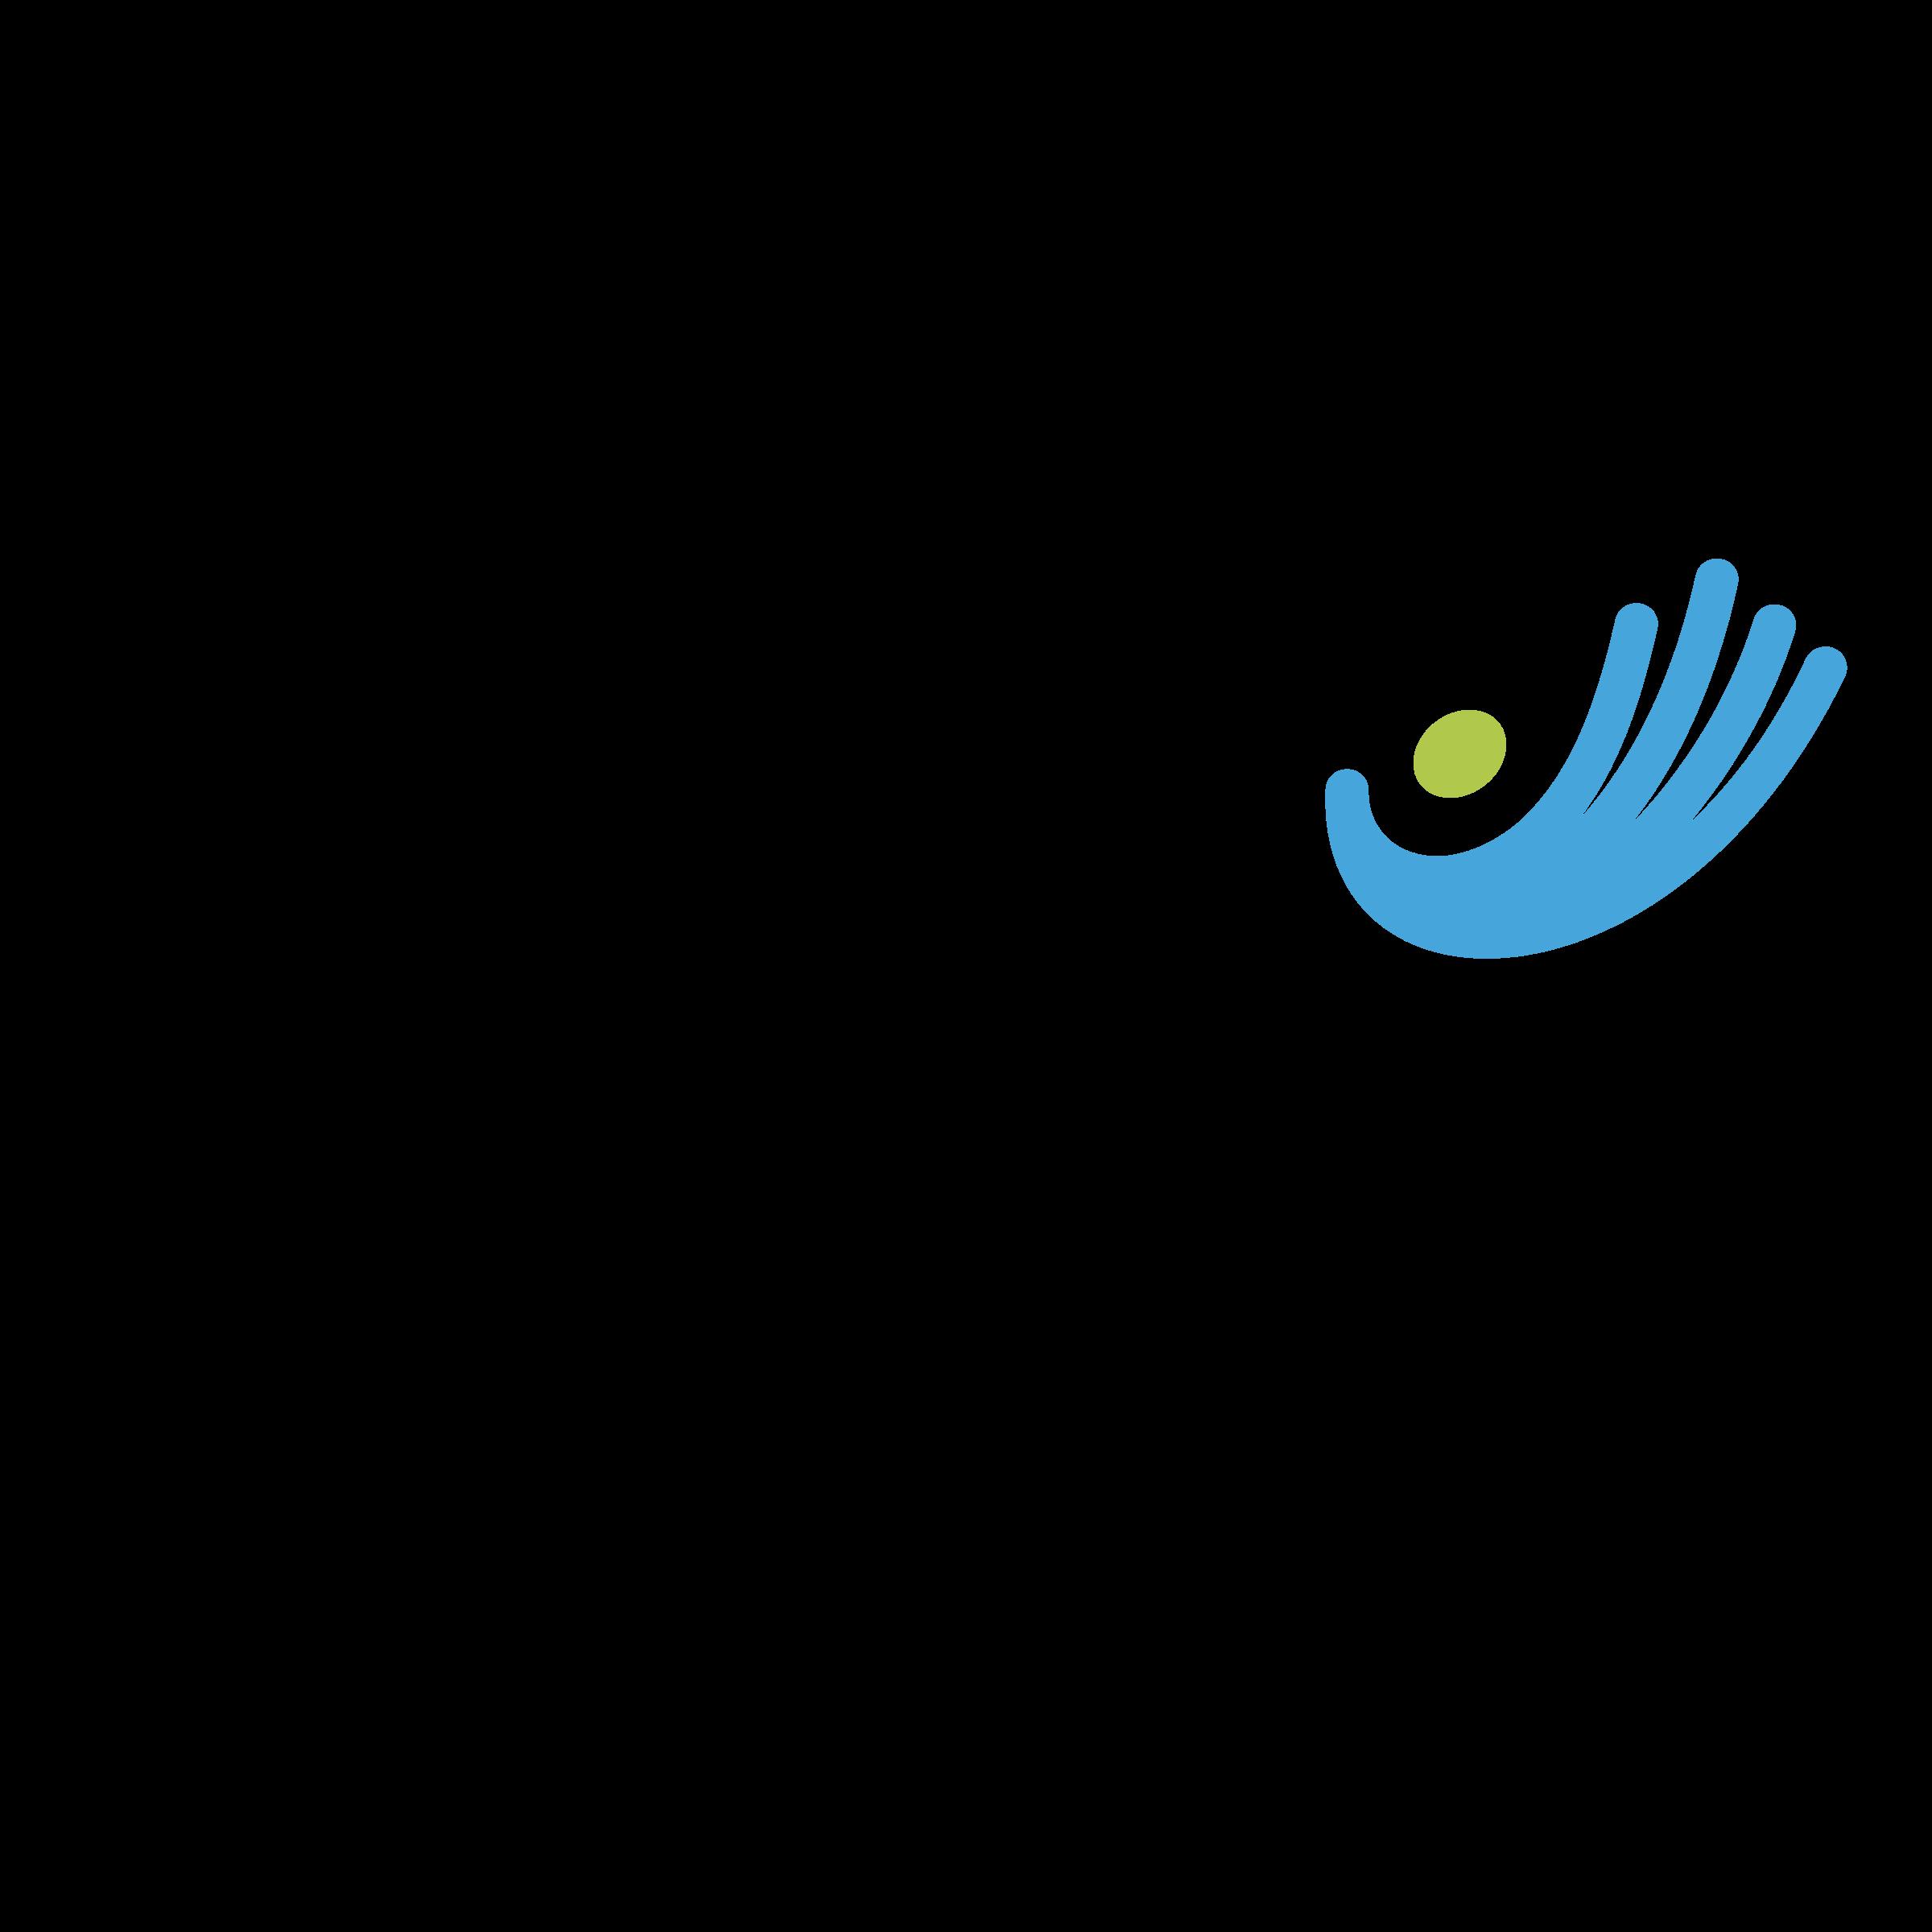 Jabra Logo PNG Transparent & SVG Vector.